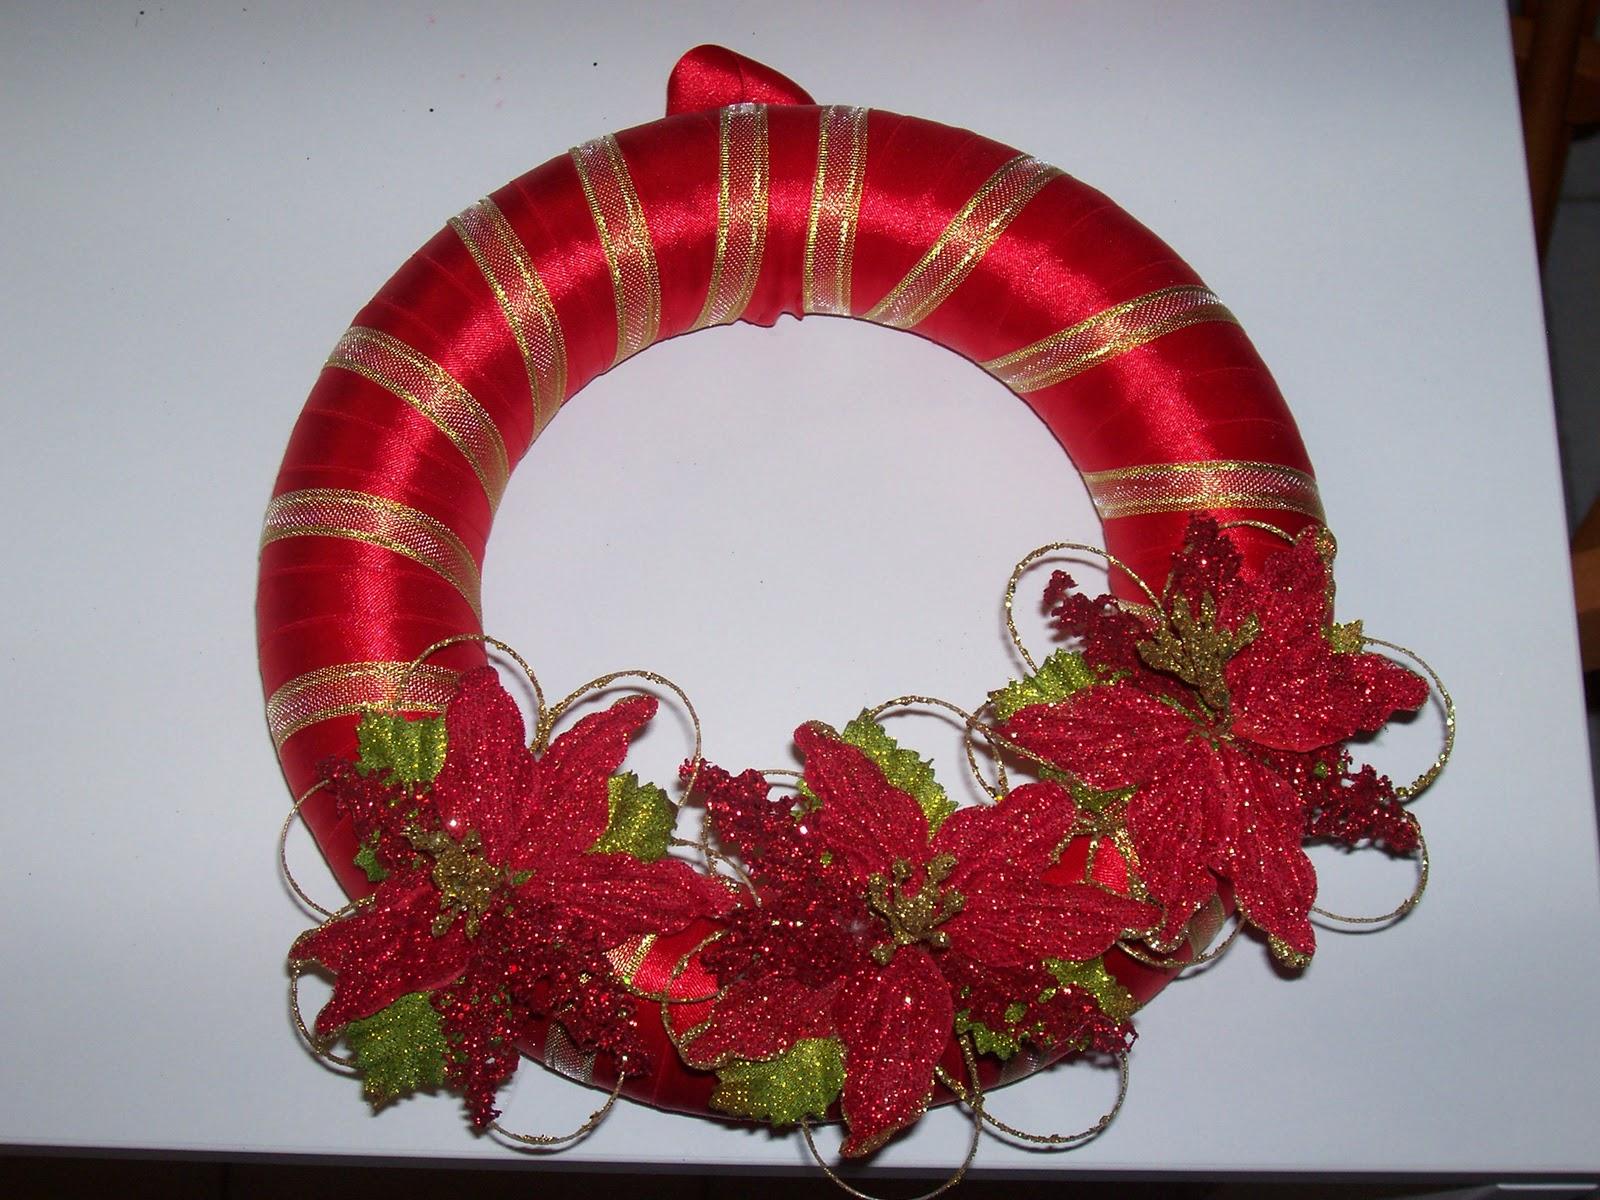 La borsa di mary poppins come creare piccole ghirlande - Ghirlande per porte natalizie ...